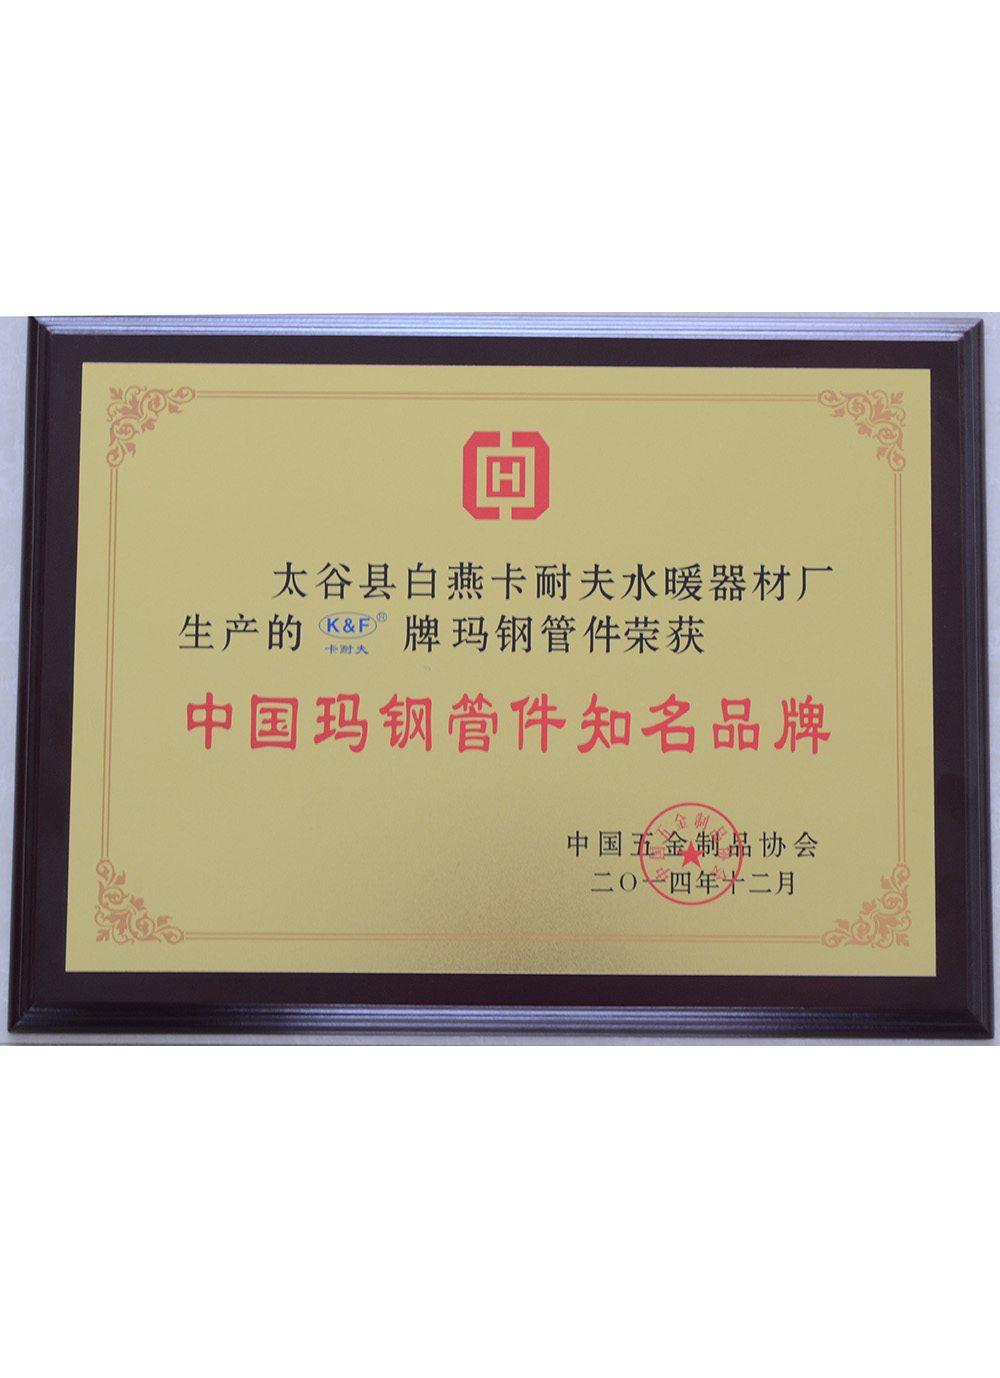 c86ec732 (1)